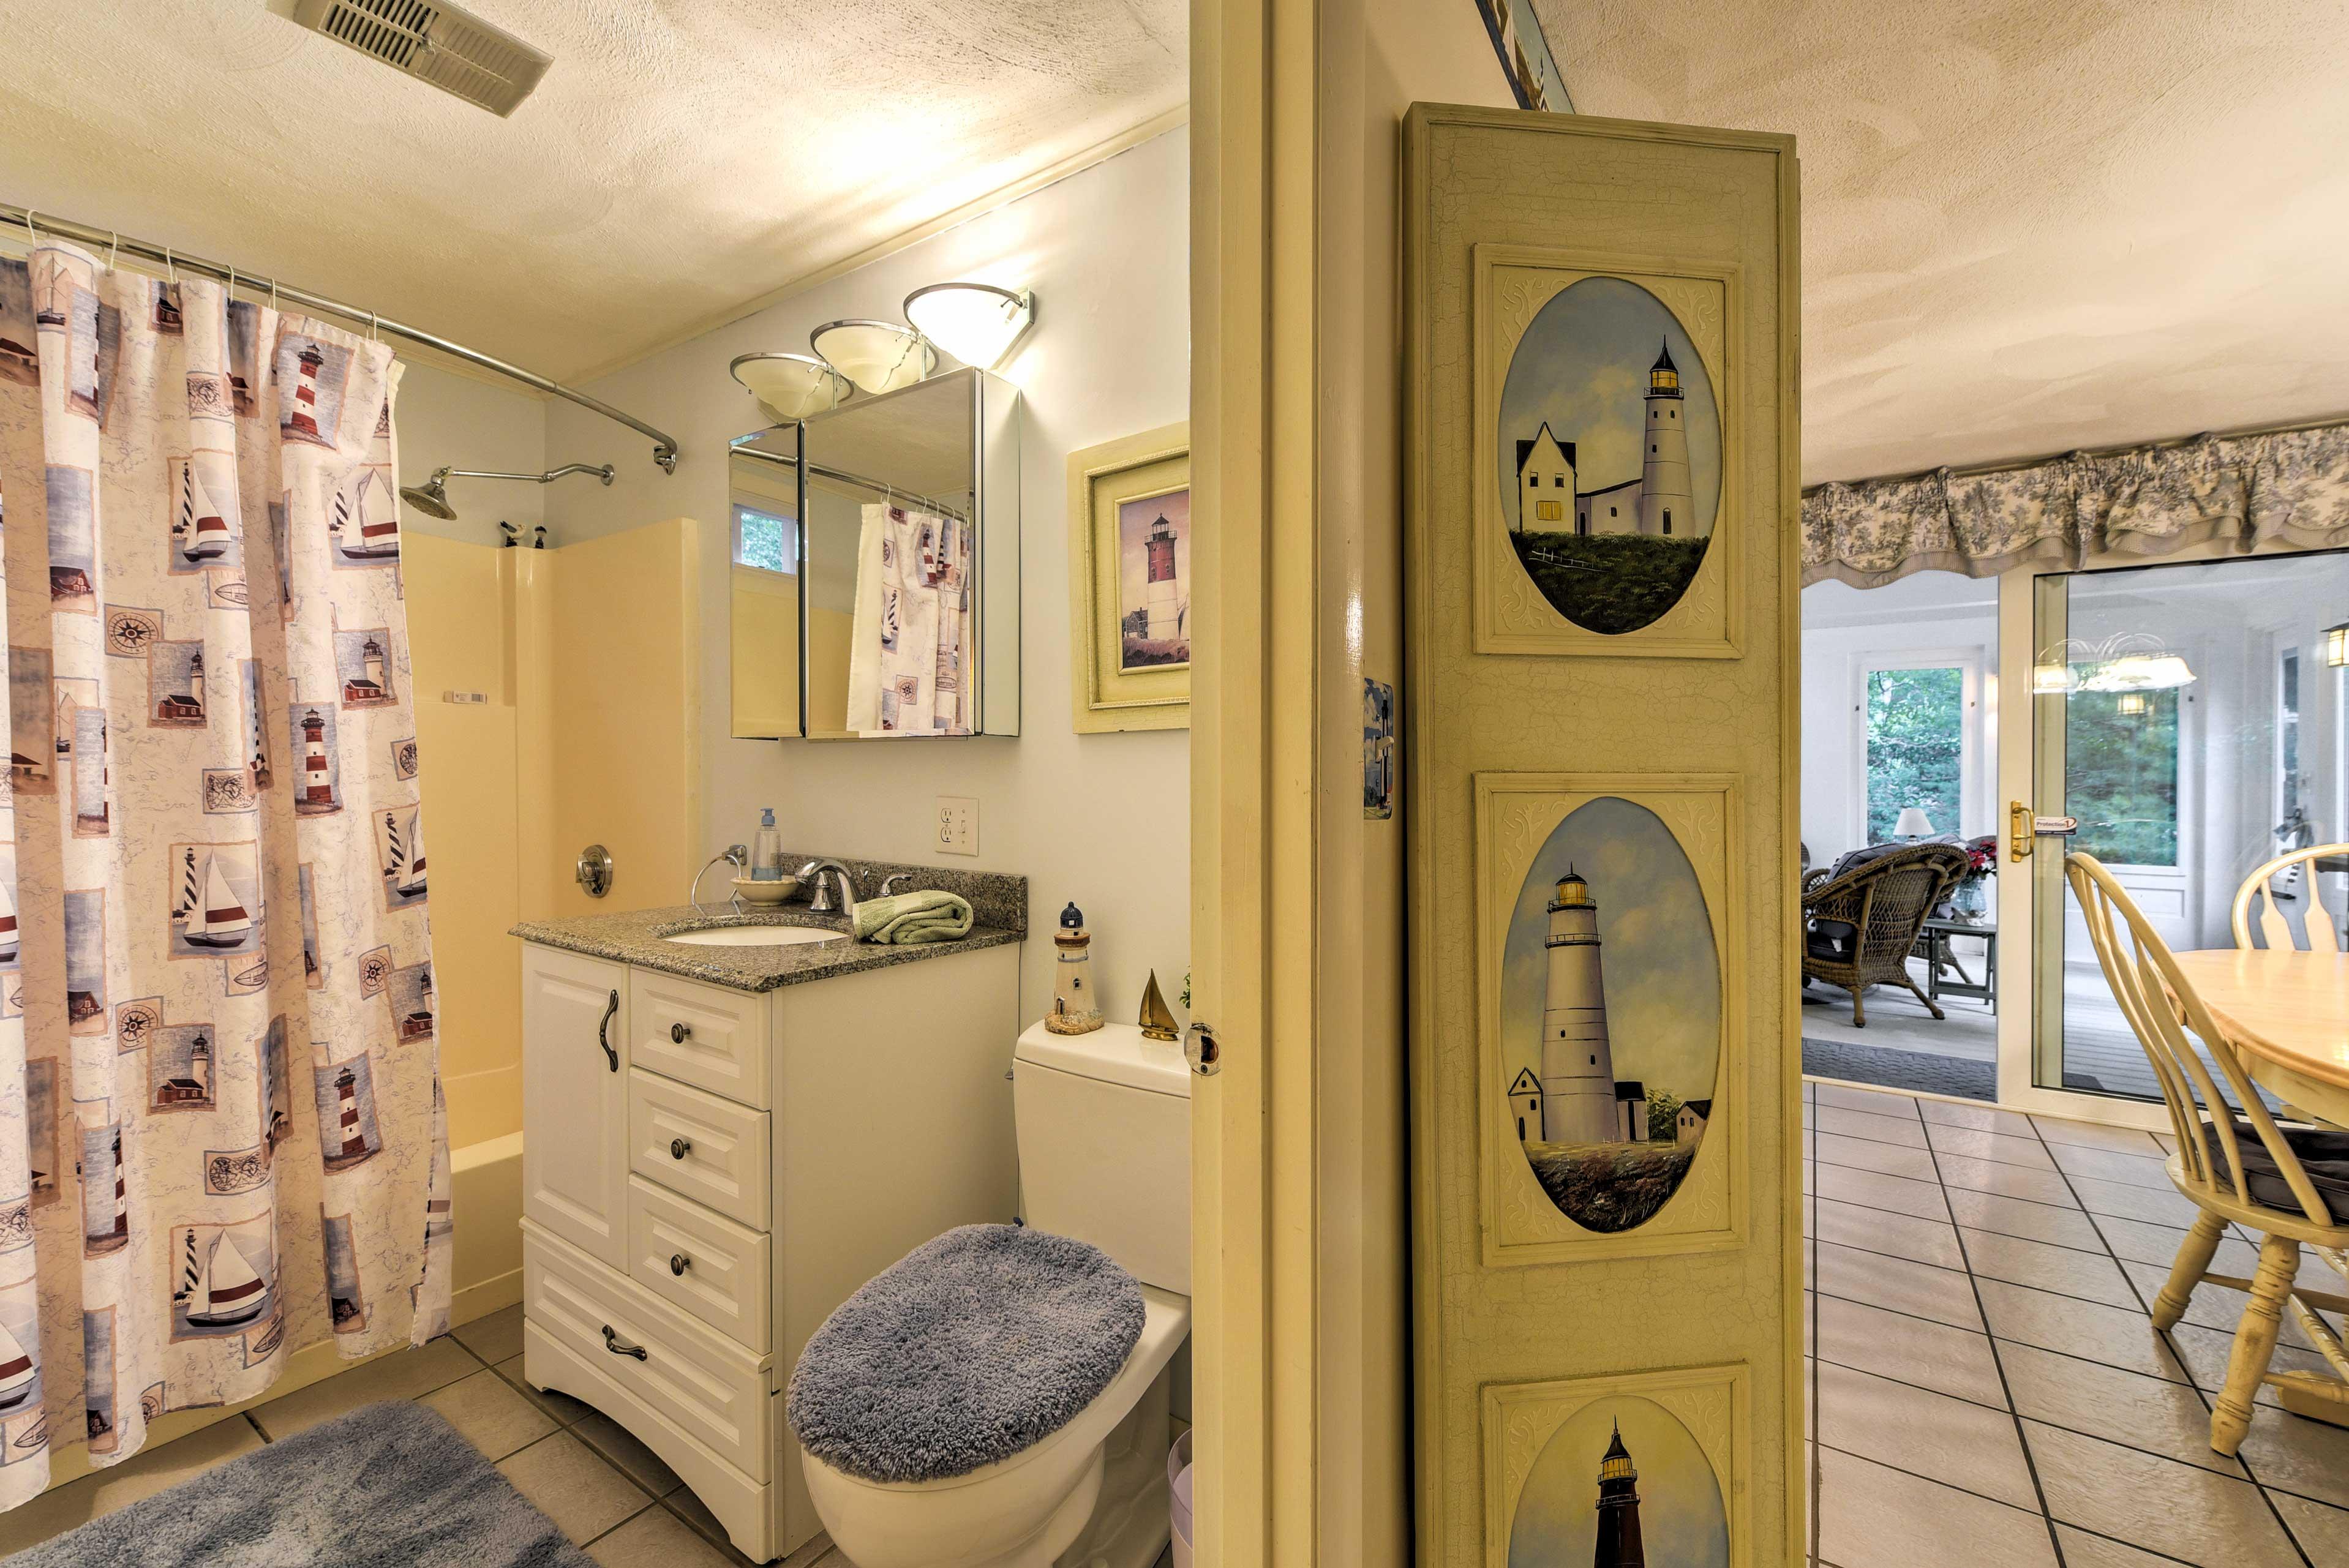 The house features 2 full baths and a half bath.